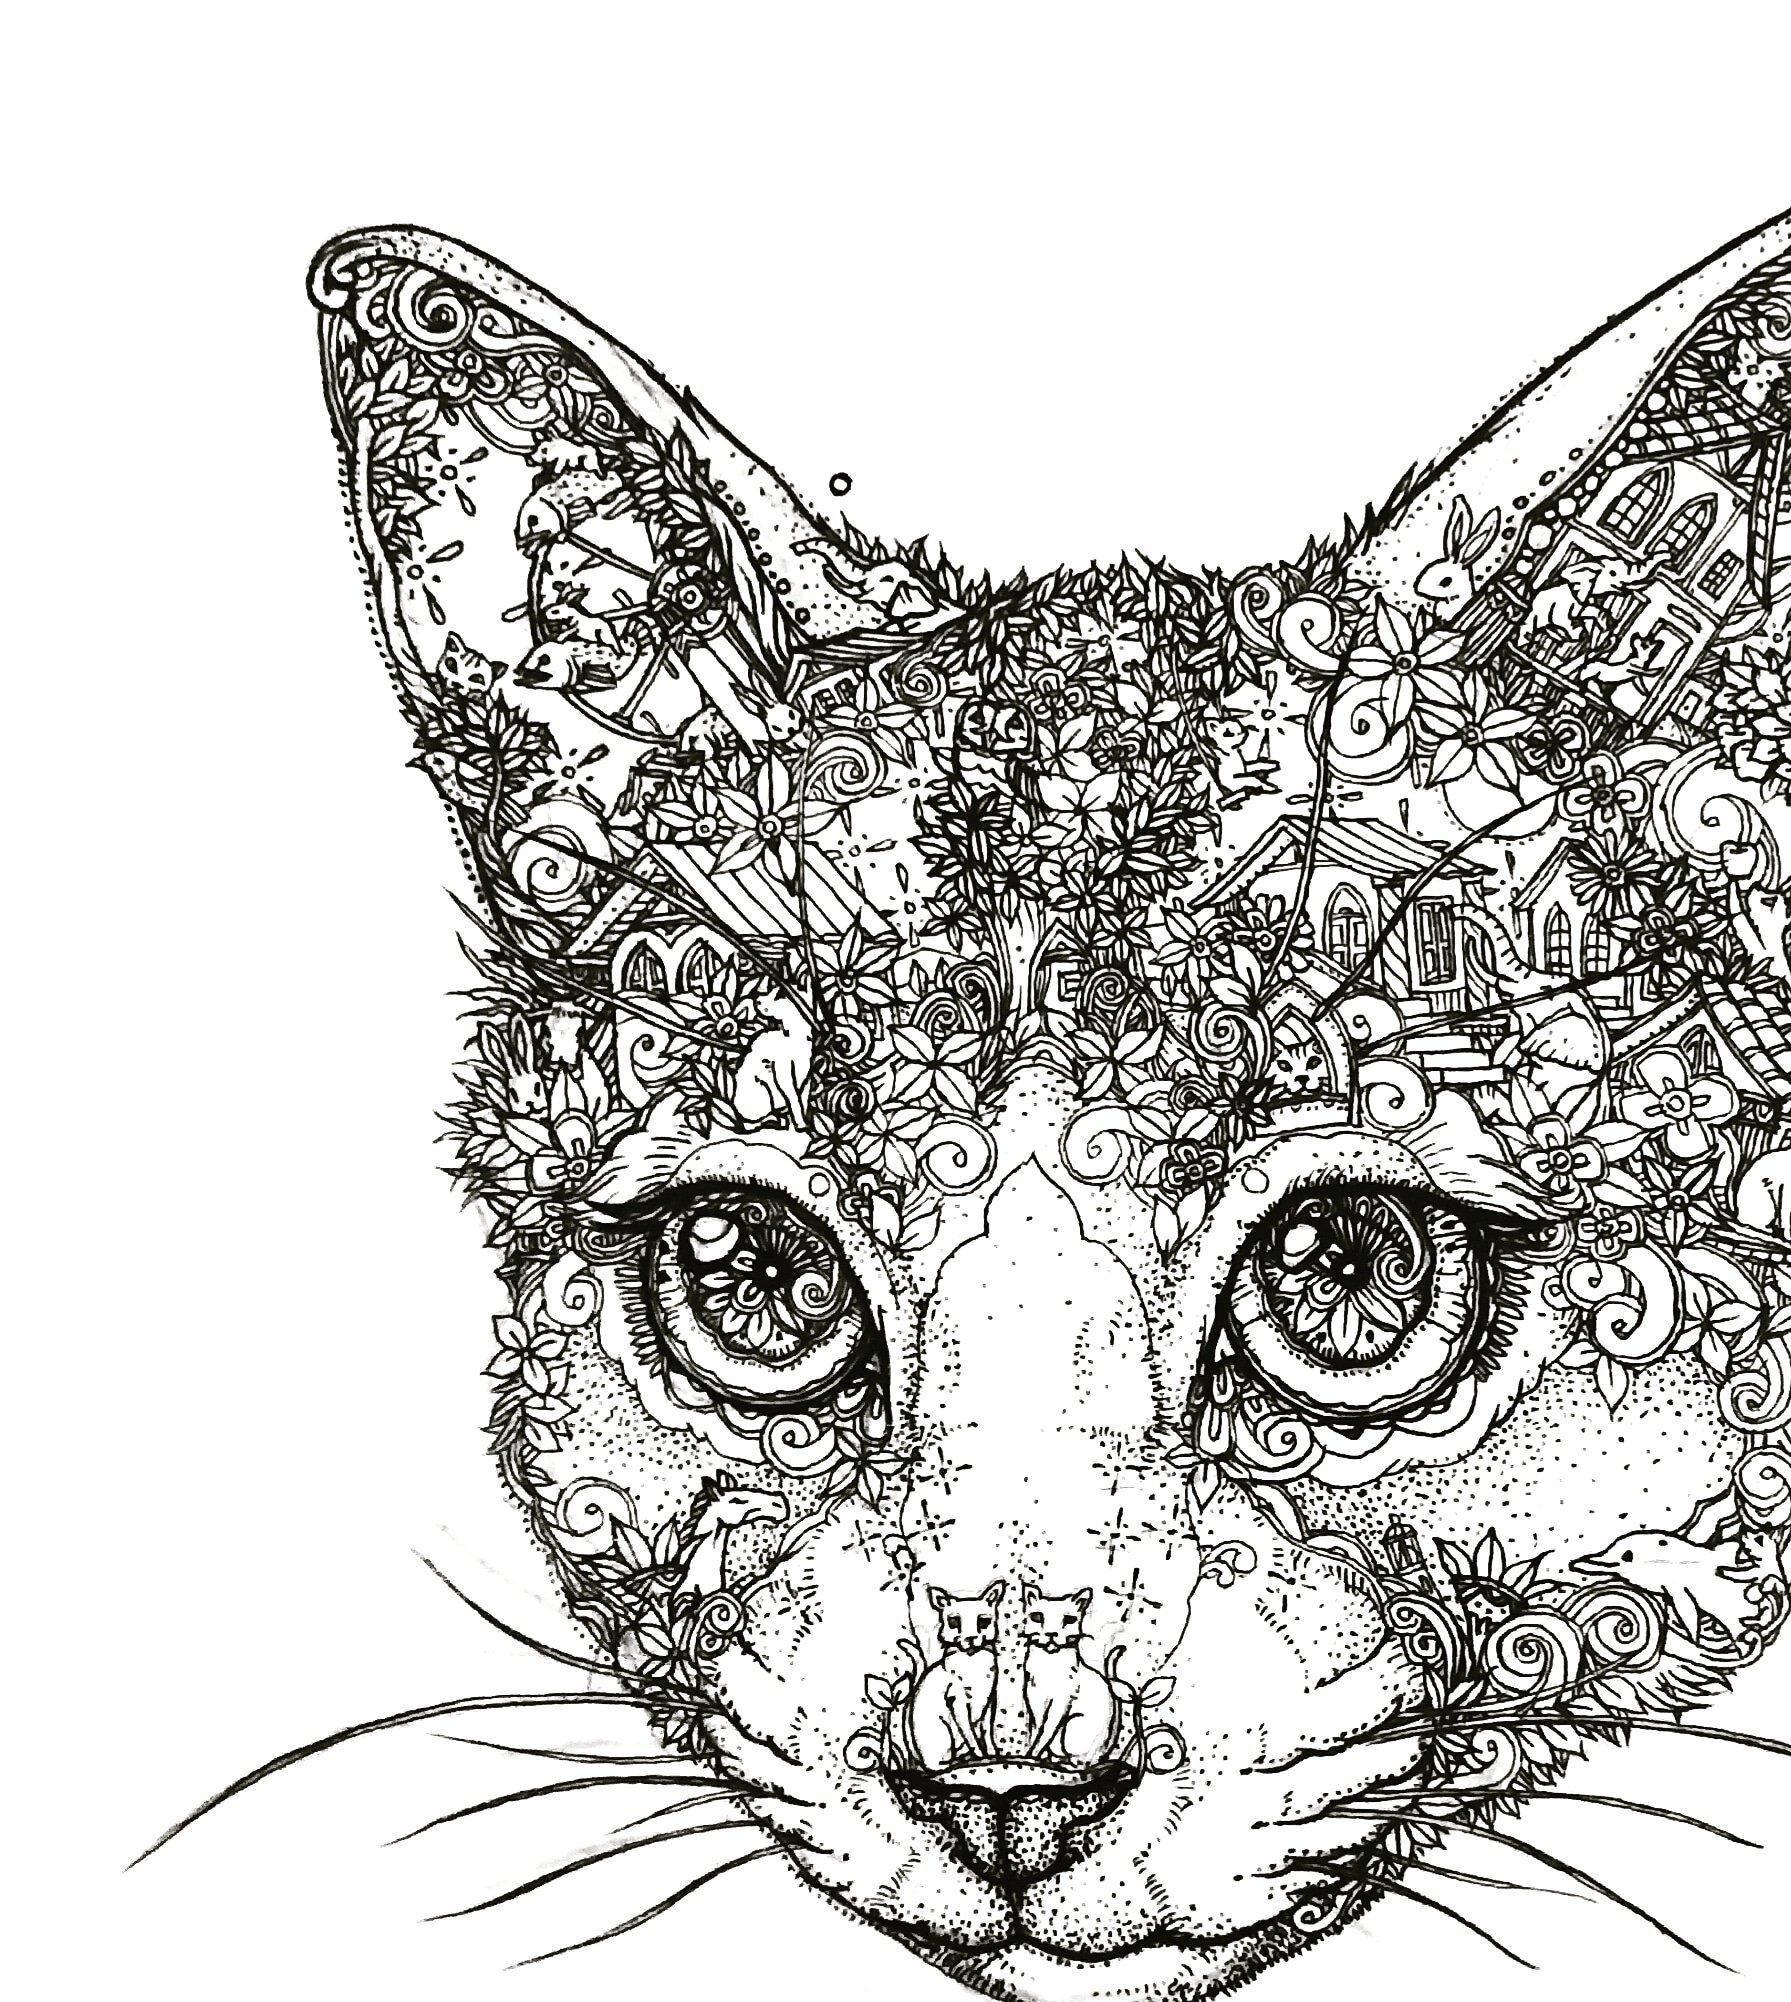 田村覚志(たむらさとし) – 猫とか動物の中にいろんな物が描いてある面白い絵の作者